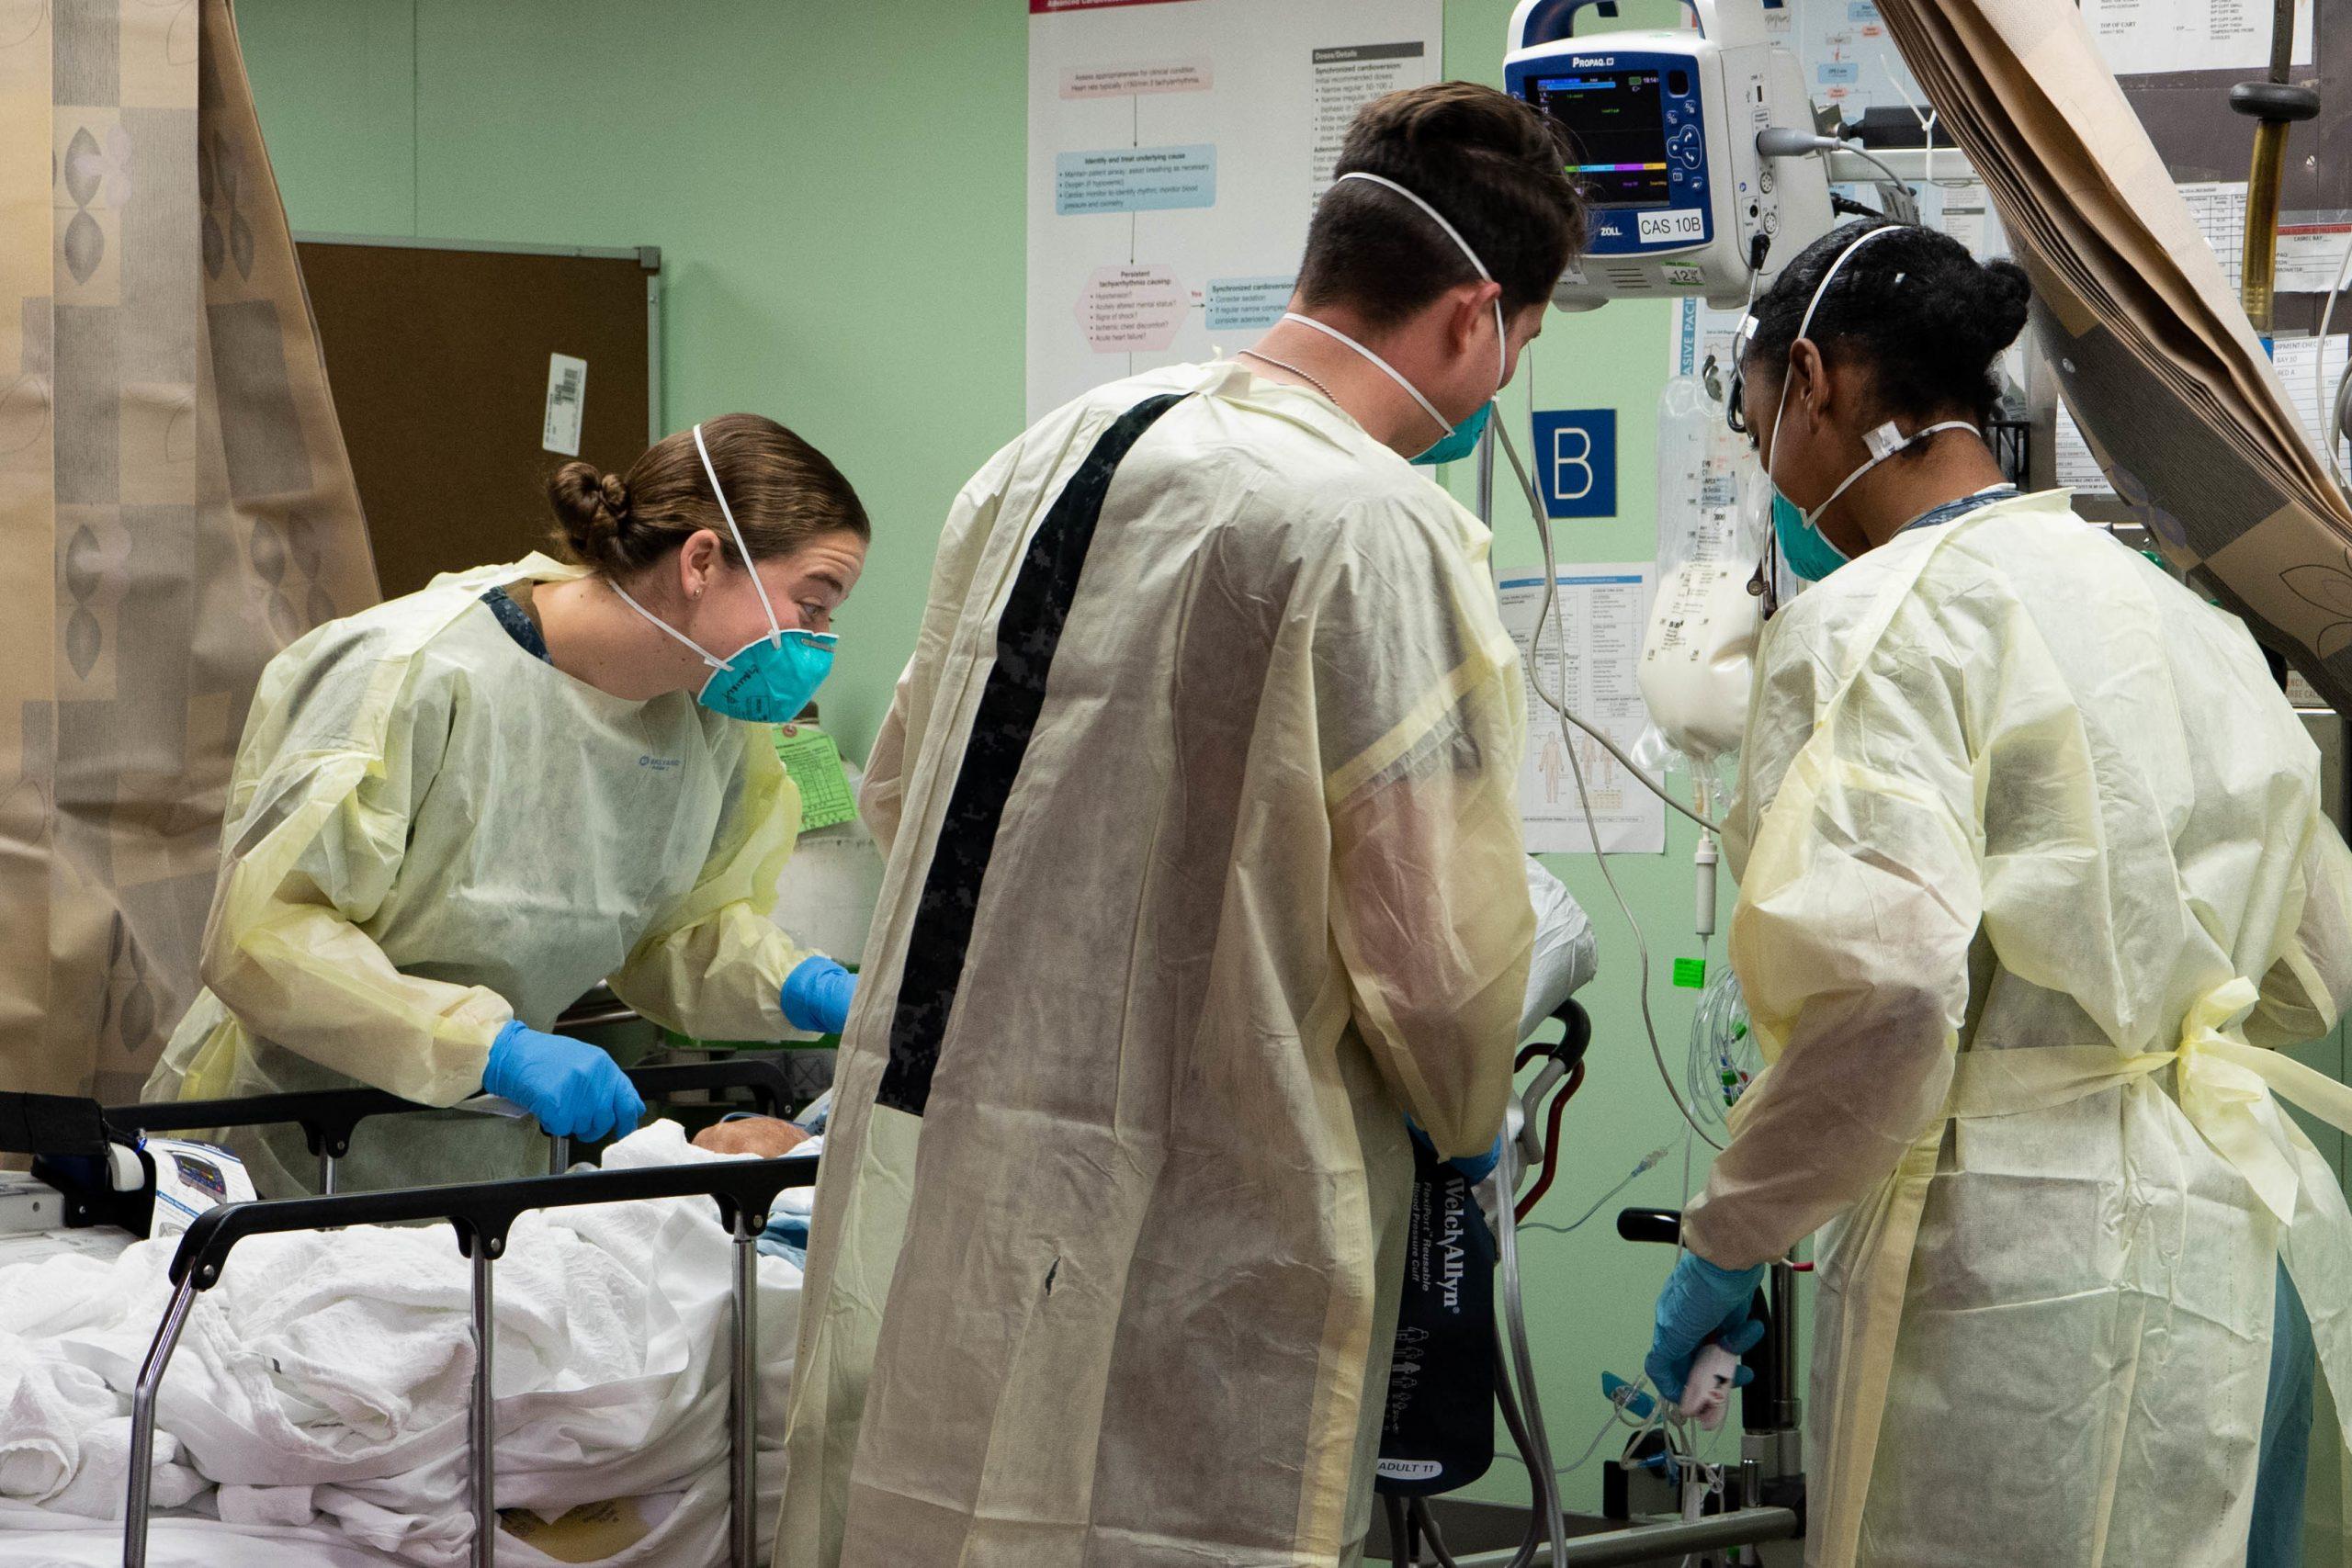 Abuelita agradeció con 800 tamales al personal médico que la salvó del coronavirus